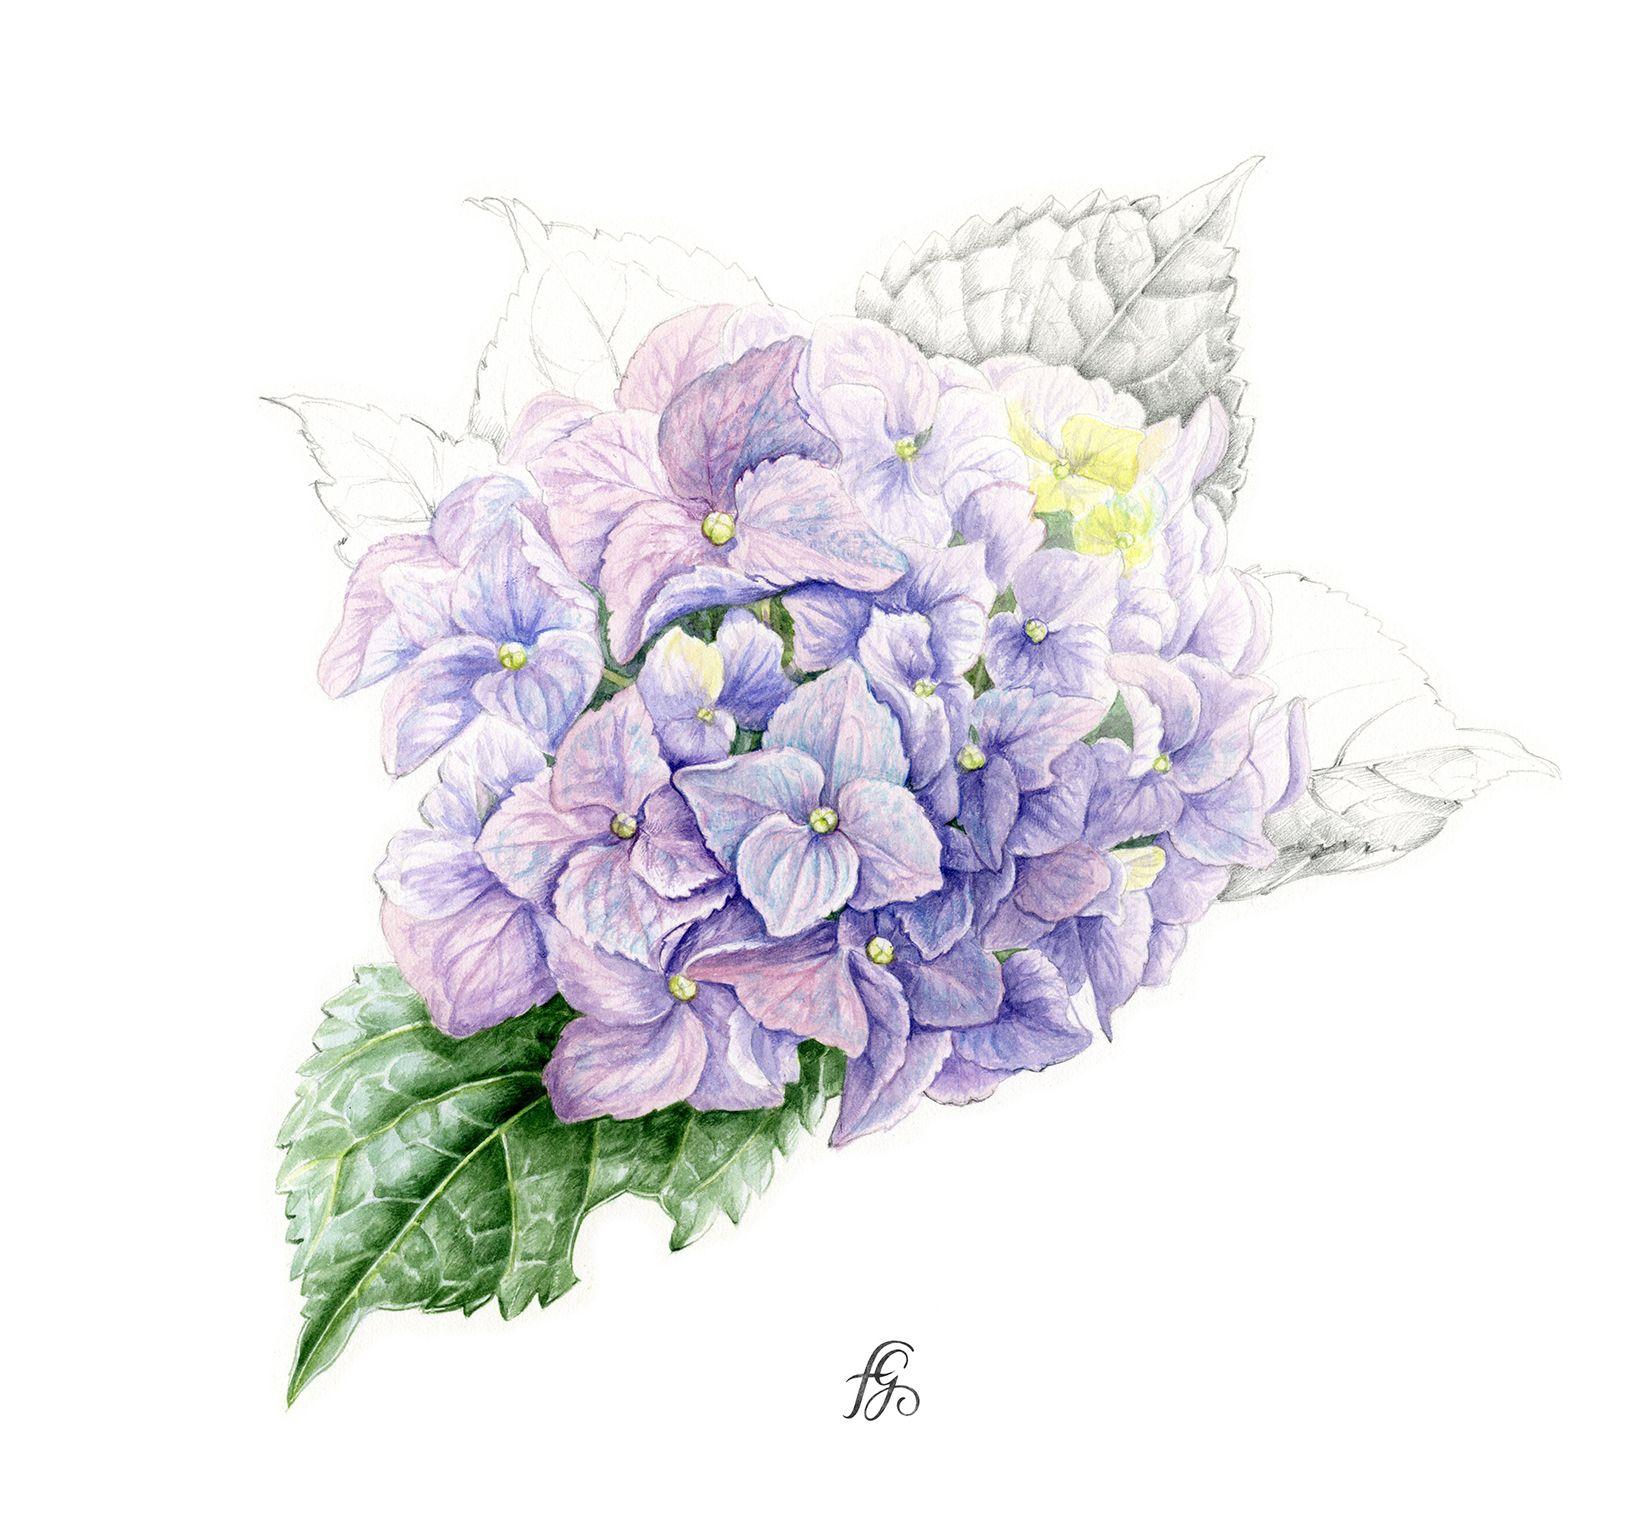 Paris France En 2020 Illustration Botanique Aquarelle Fleurs